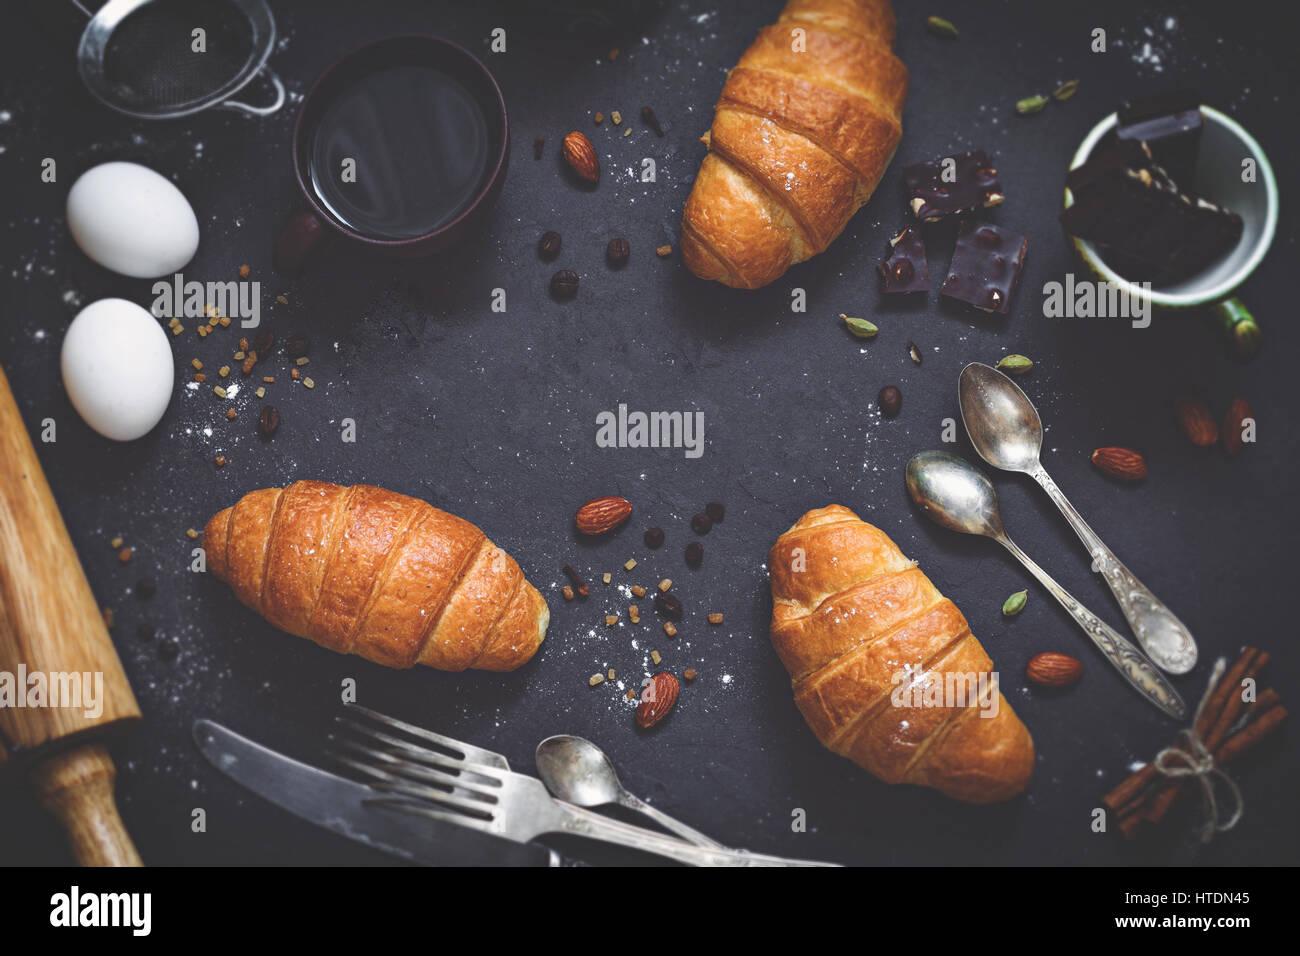 Café, cruasanes, chocolate, especias, nueces y vintage cubiertos. Composición de laicos plana dulce desayuno Imagen De Stock